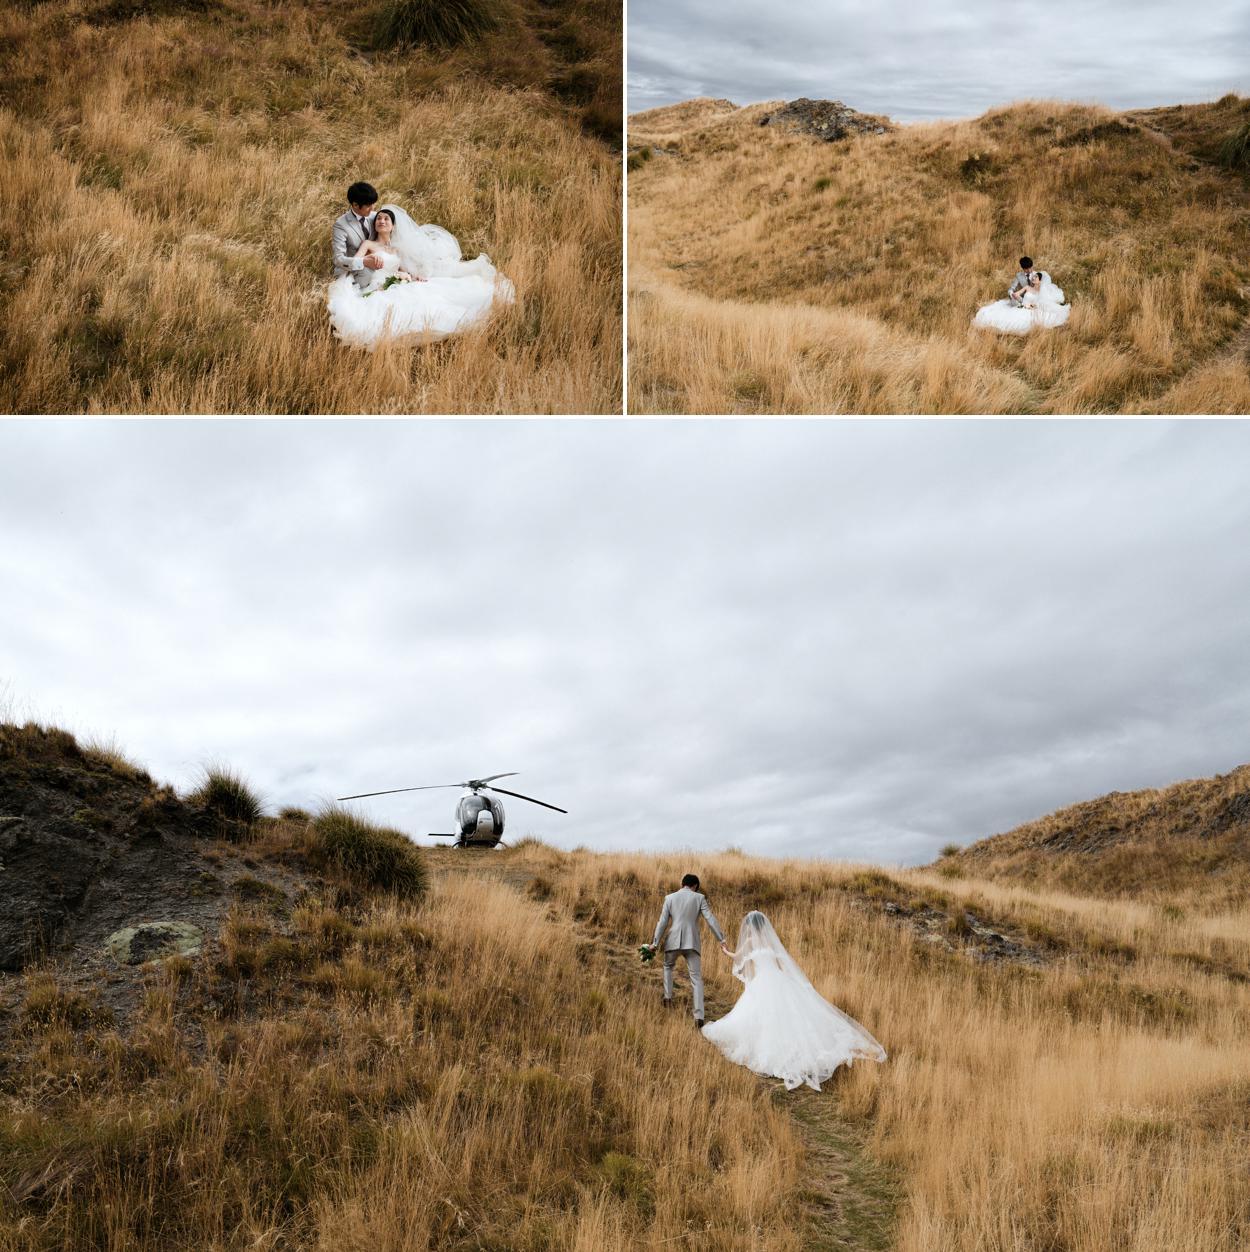 mount roy coromandel peak photography